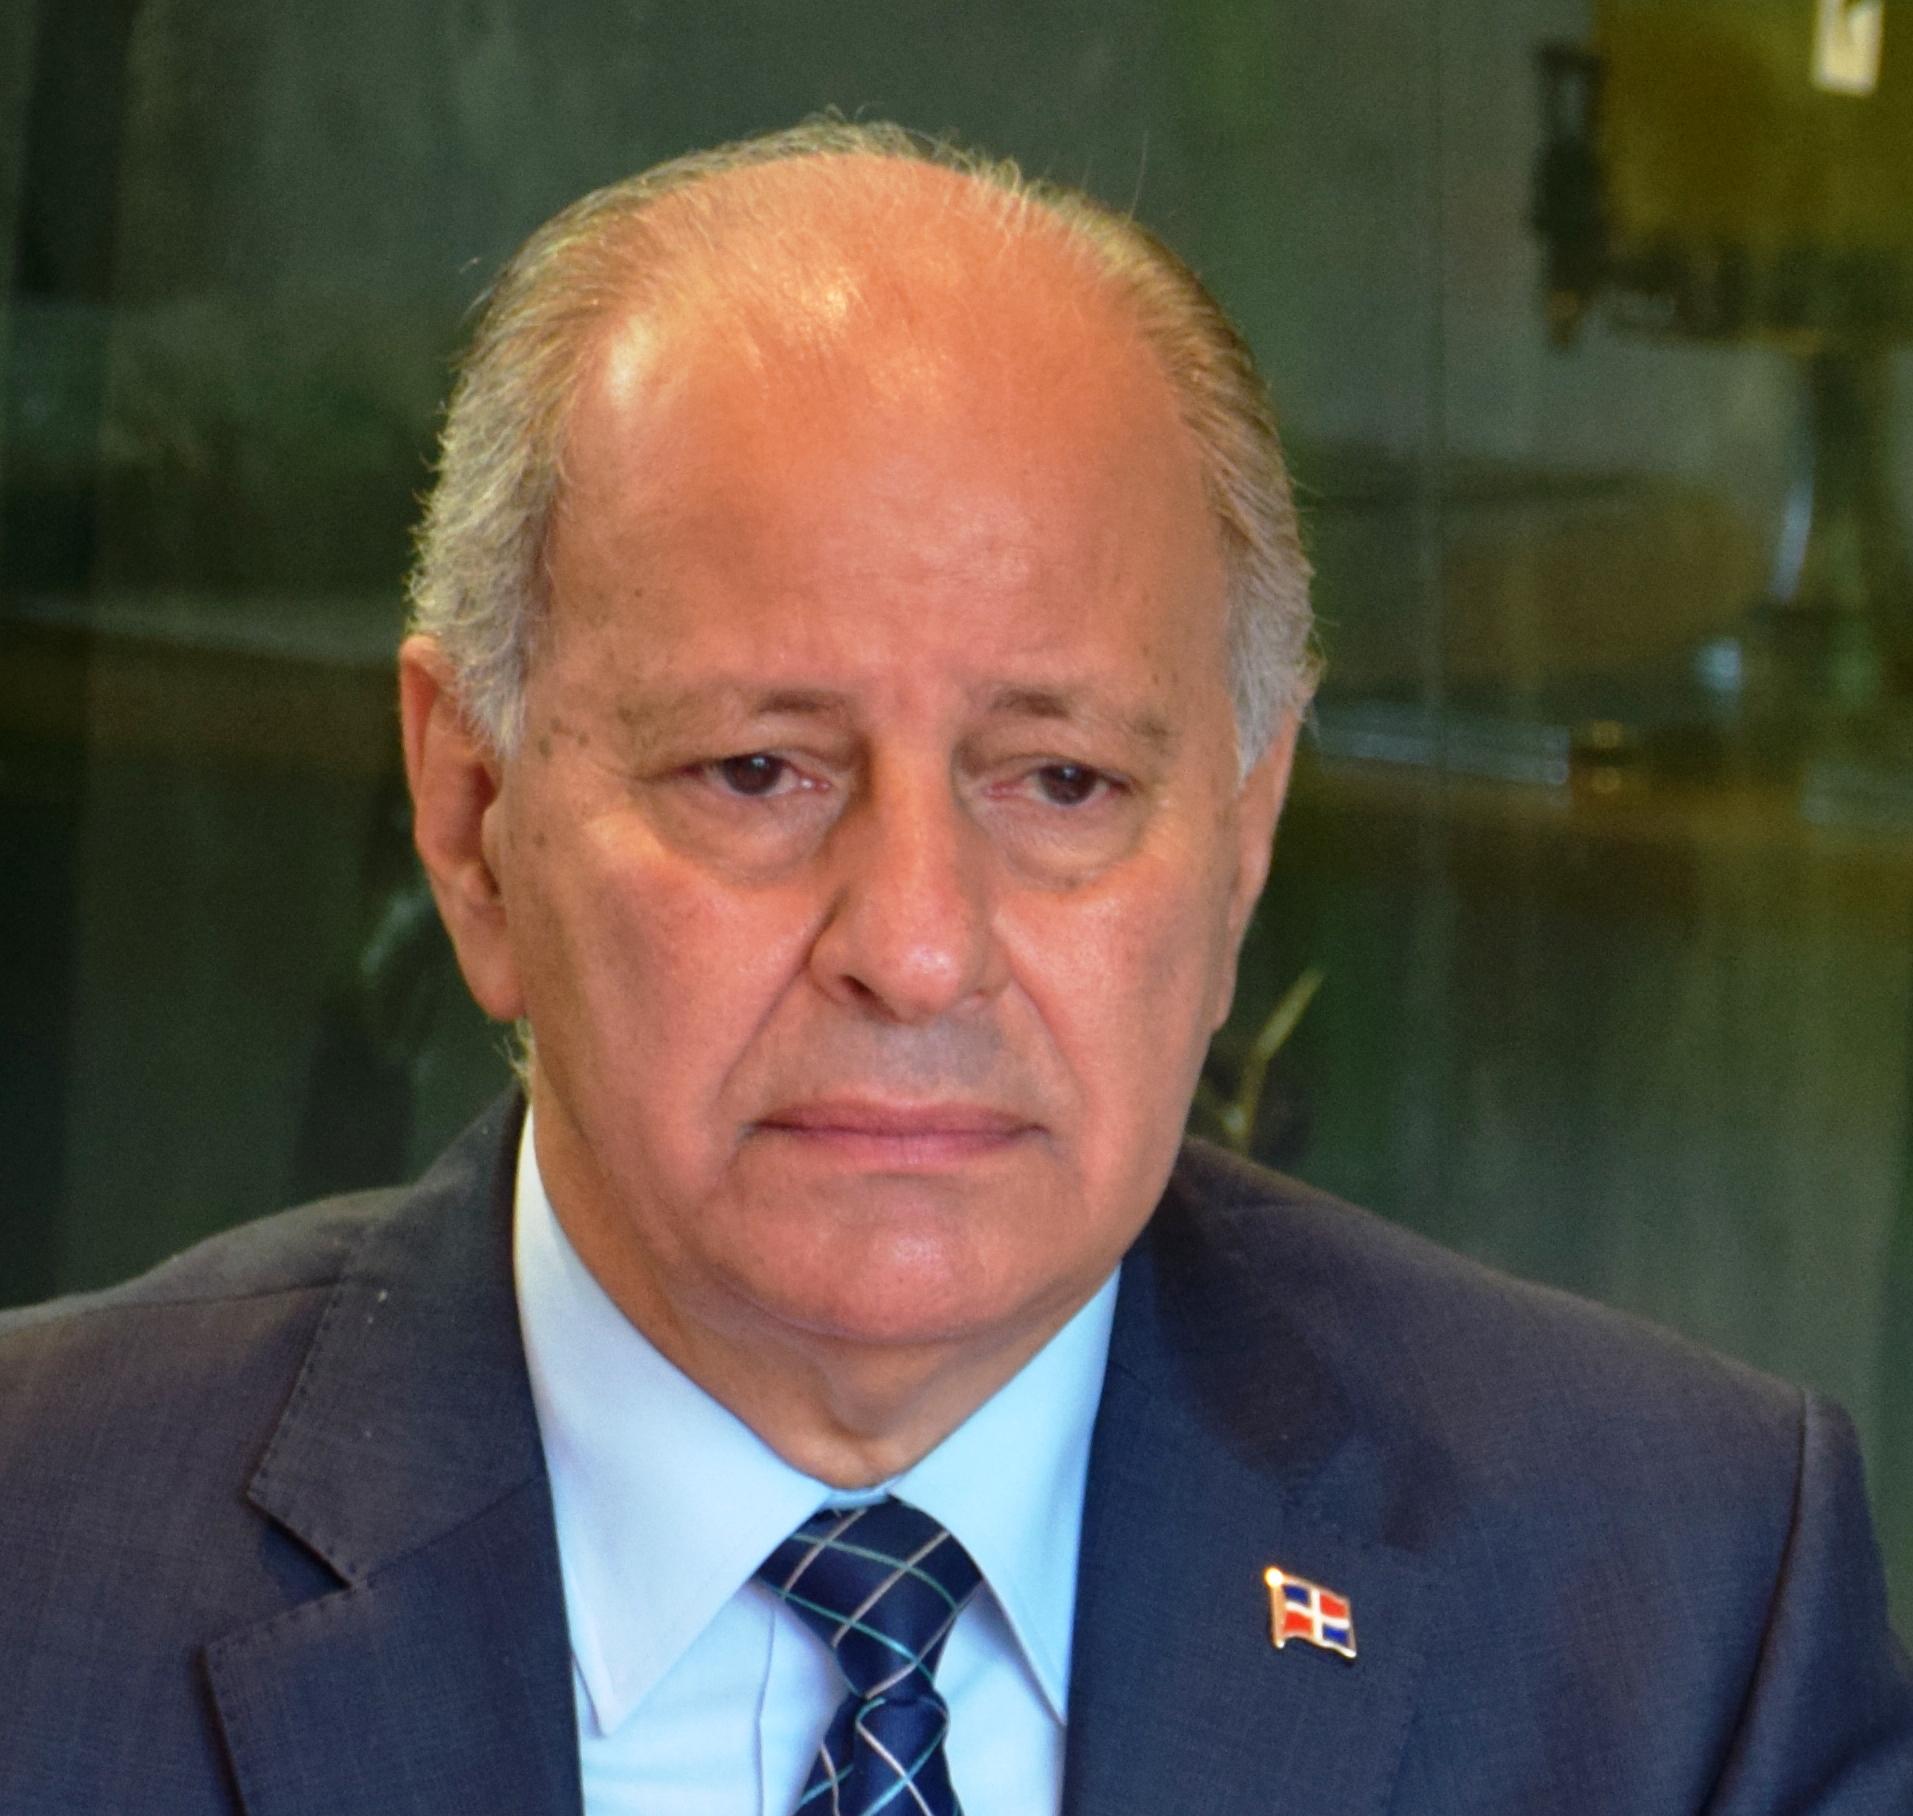 Embajador José Serulle Ramia aboga por un año 2021 de esperanza y cooperación entre los estados y pueblos